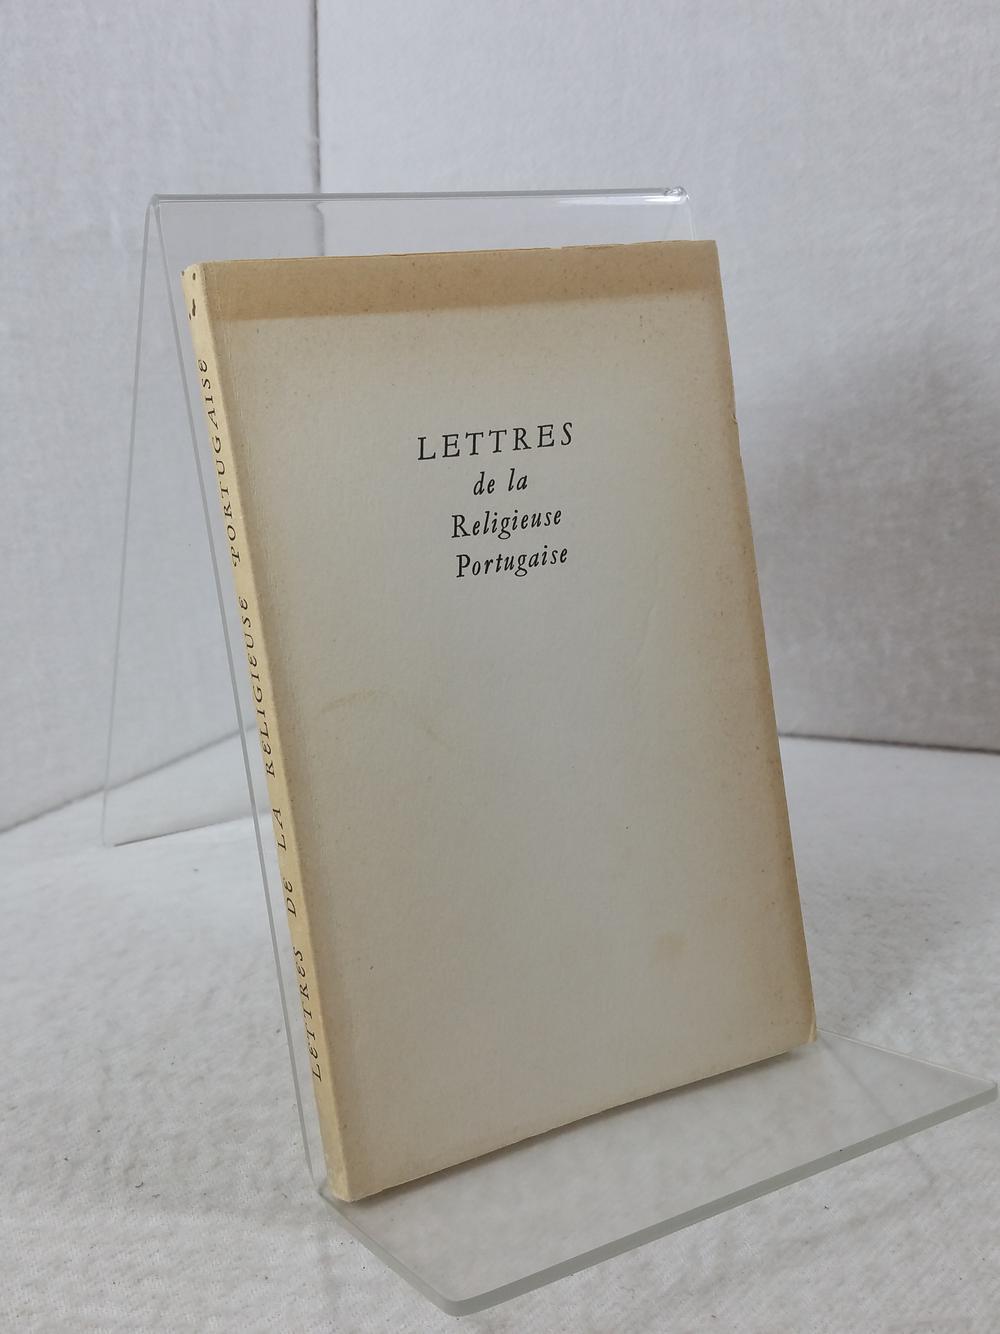 Lettres de la Religieuse Portugaise. Buch ist: Hazan, Fernand: